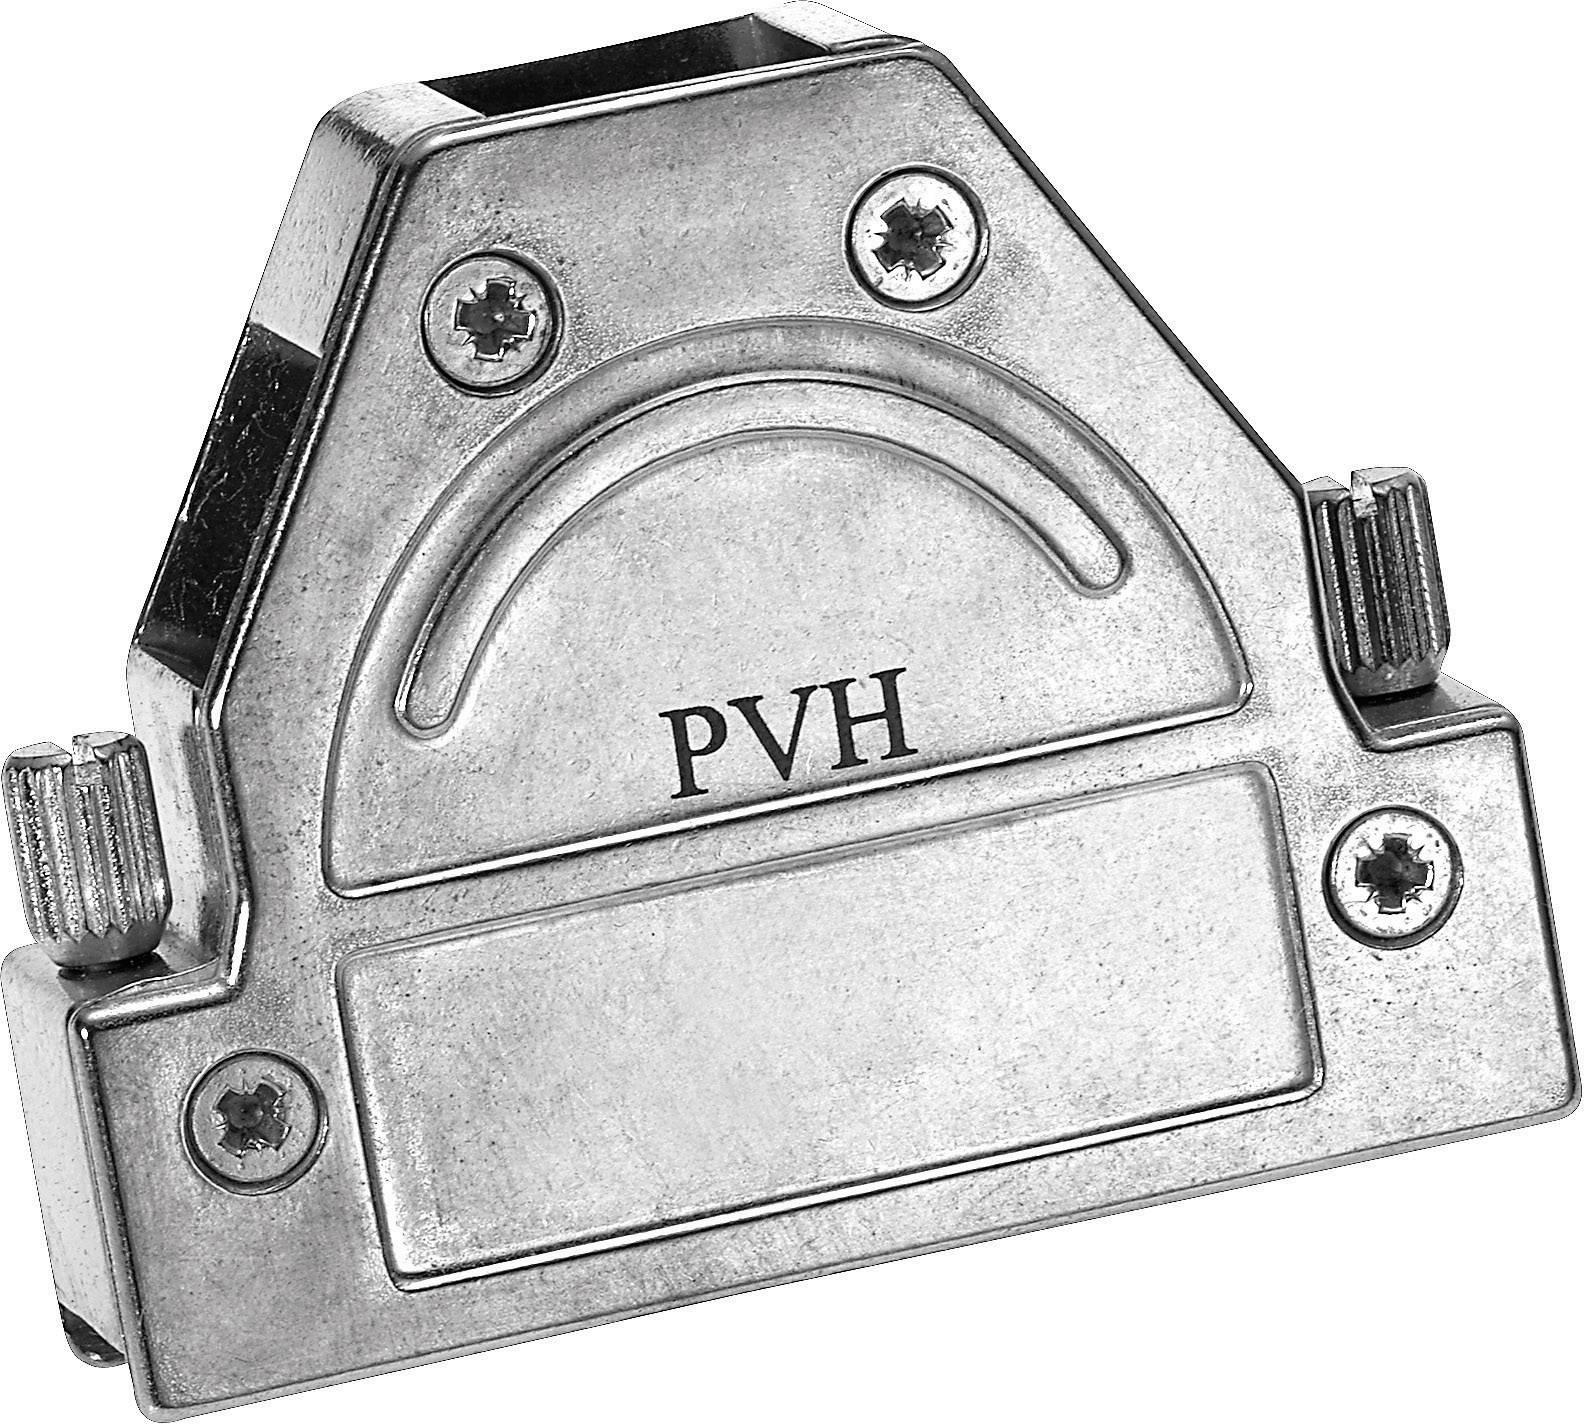 D-SUB pouzdro Provertha 1715DC25001 1715DC25001, pólů 15, kov, 180 °, stříbrná, 1 ks